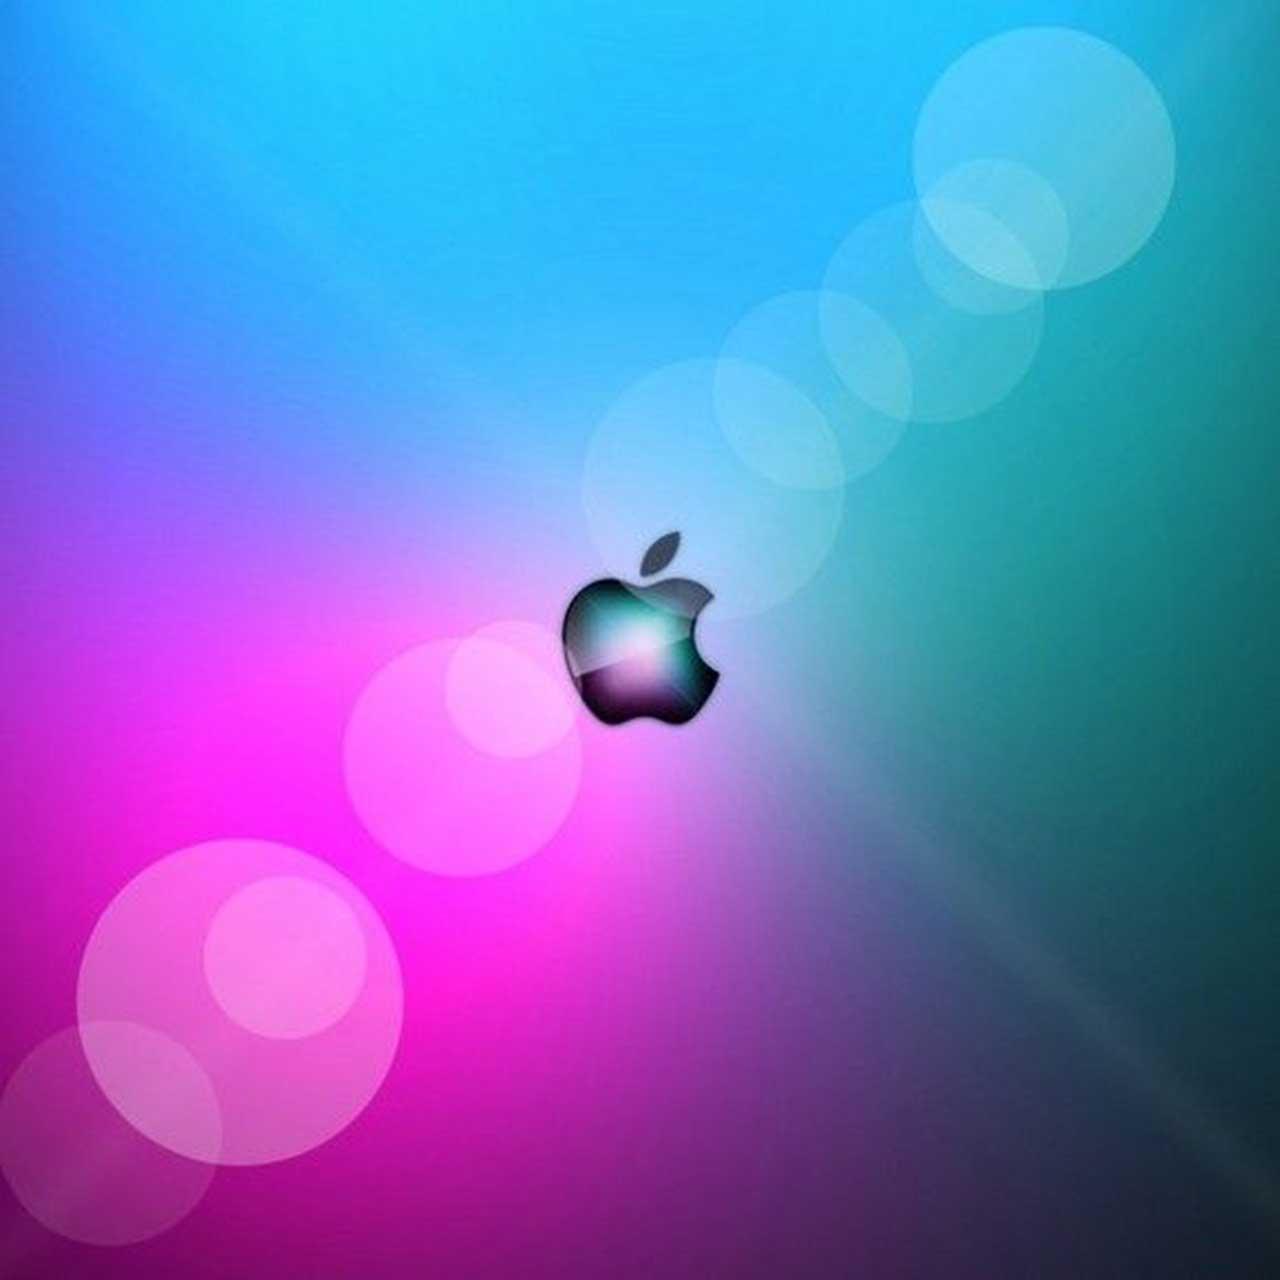 Gradient Apple Ipad Wallpaper